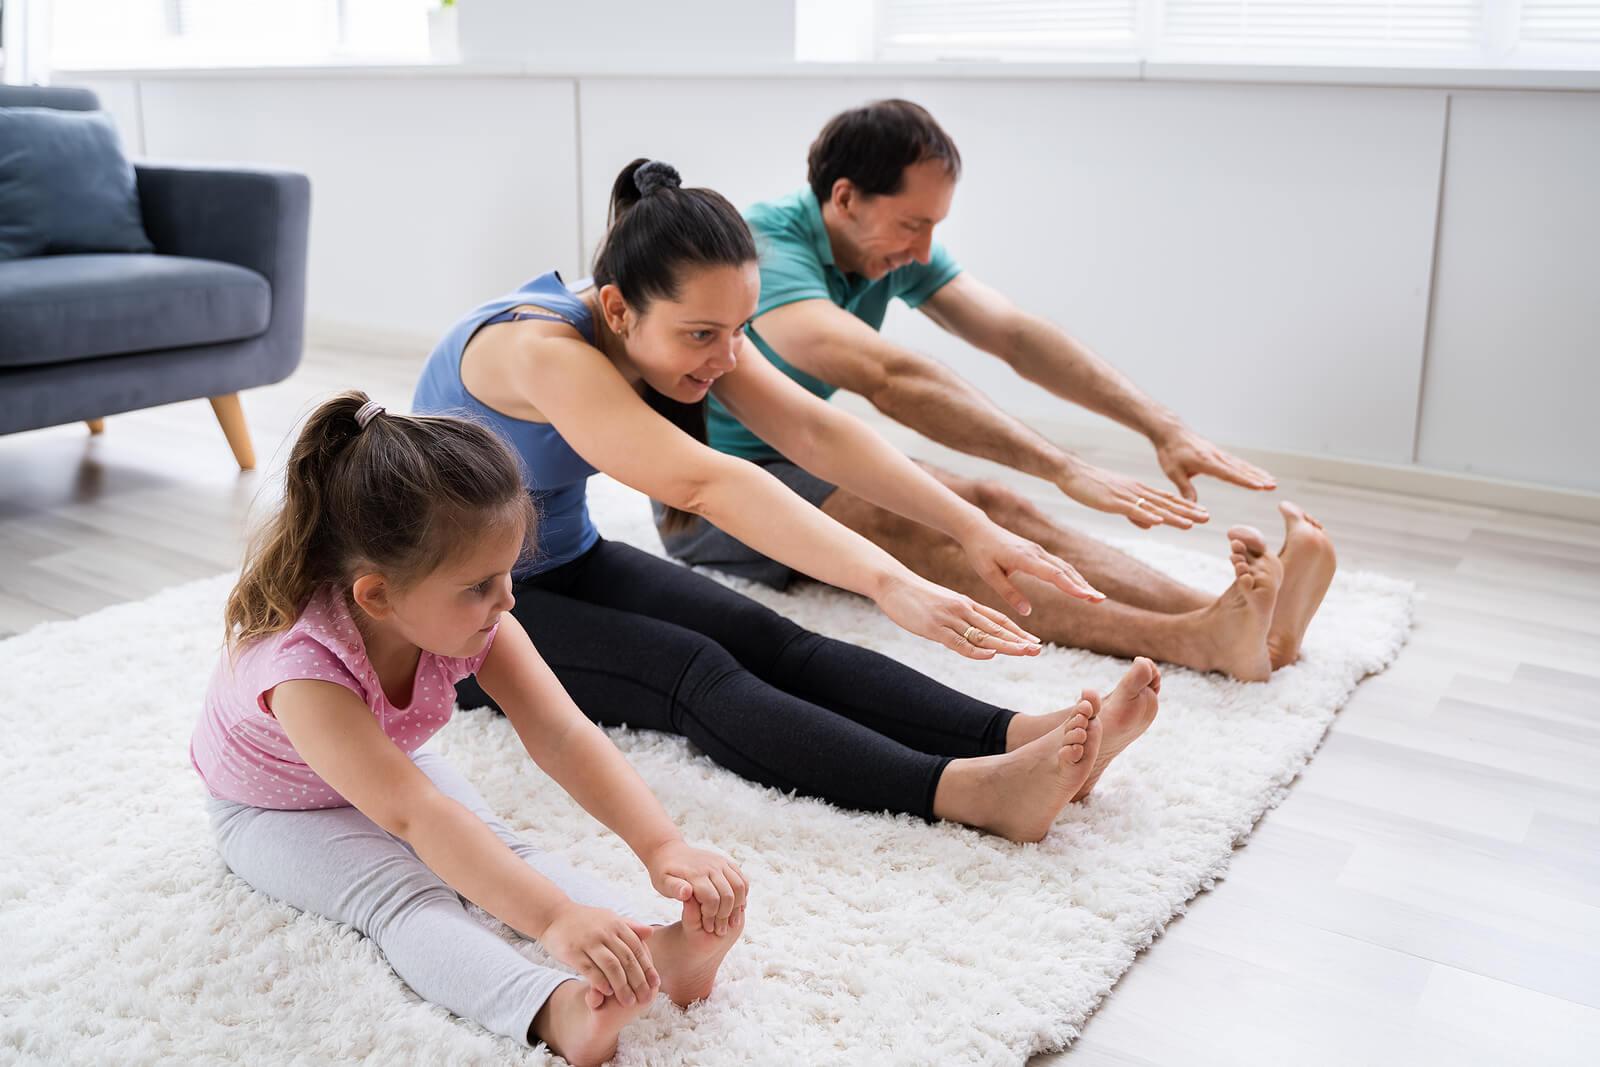 Familia realizando actividad física para crear intimidad emocional con su hija.